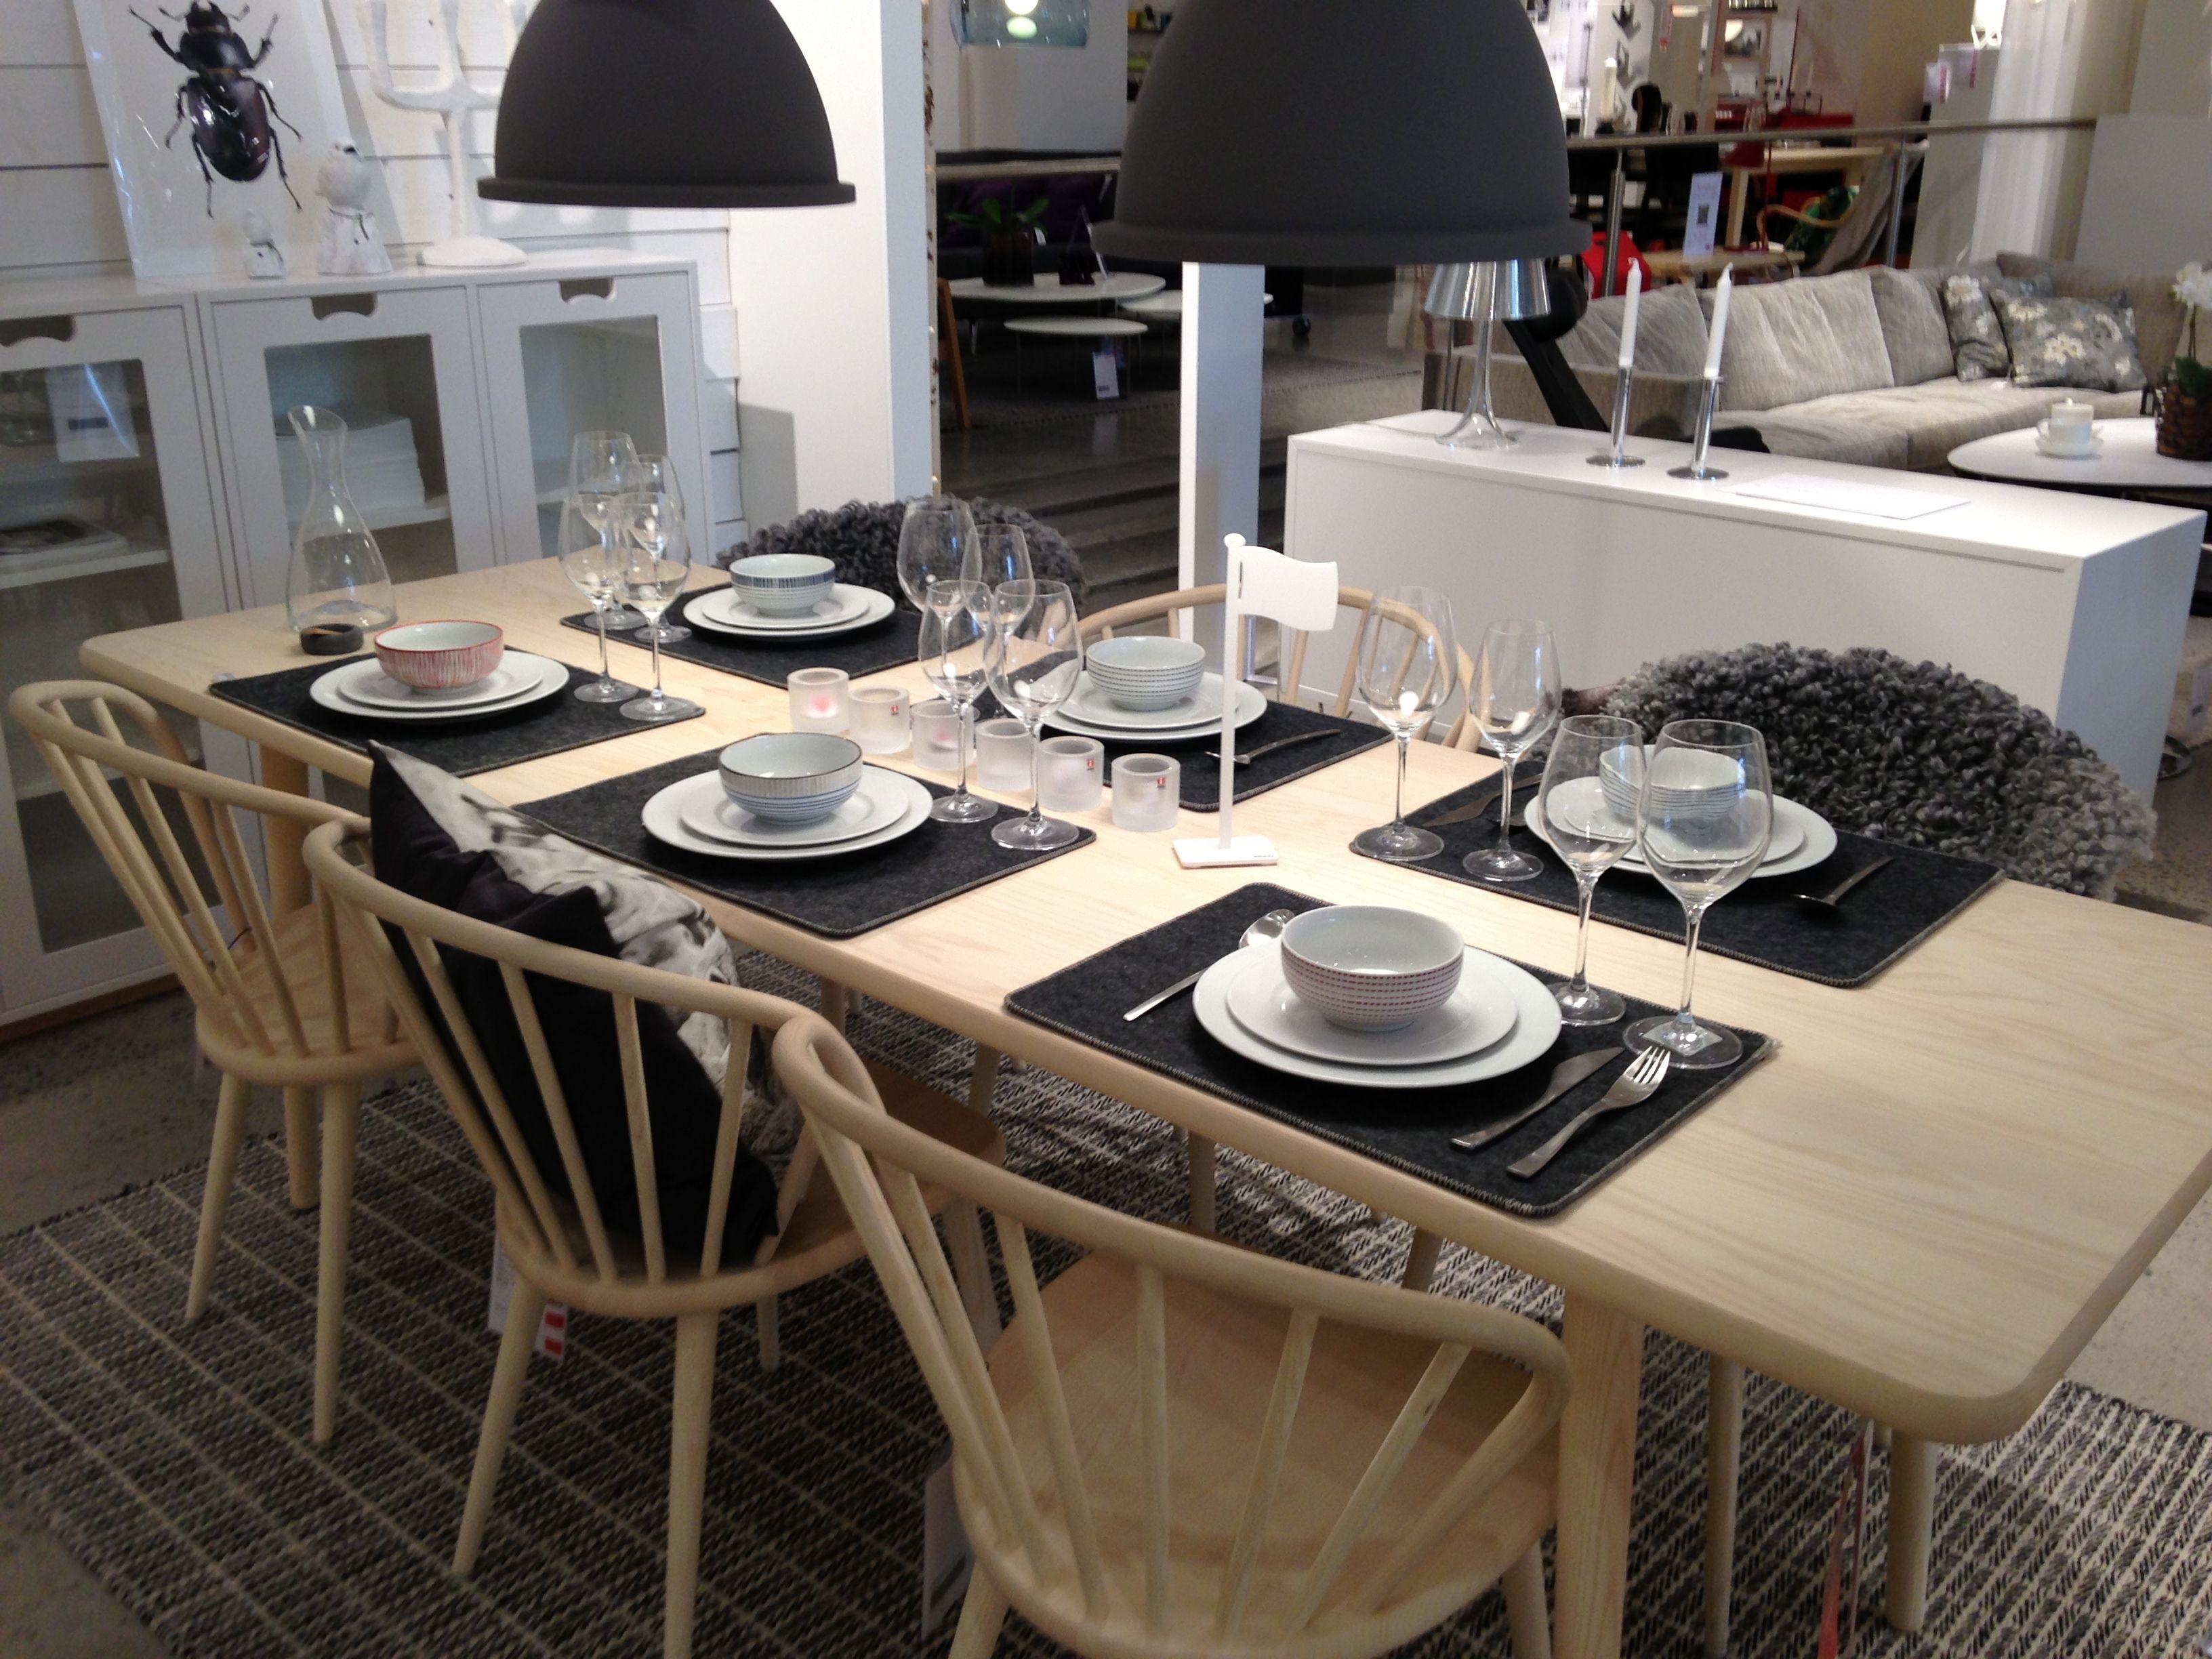 Snyggt Matbord Och Stolar Inredning& Trädgård Pinterest Table Settings And Tablescapes